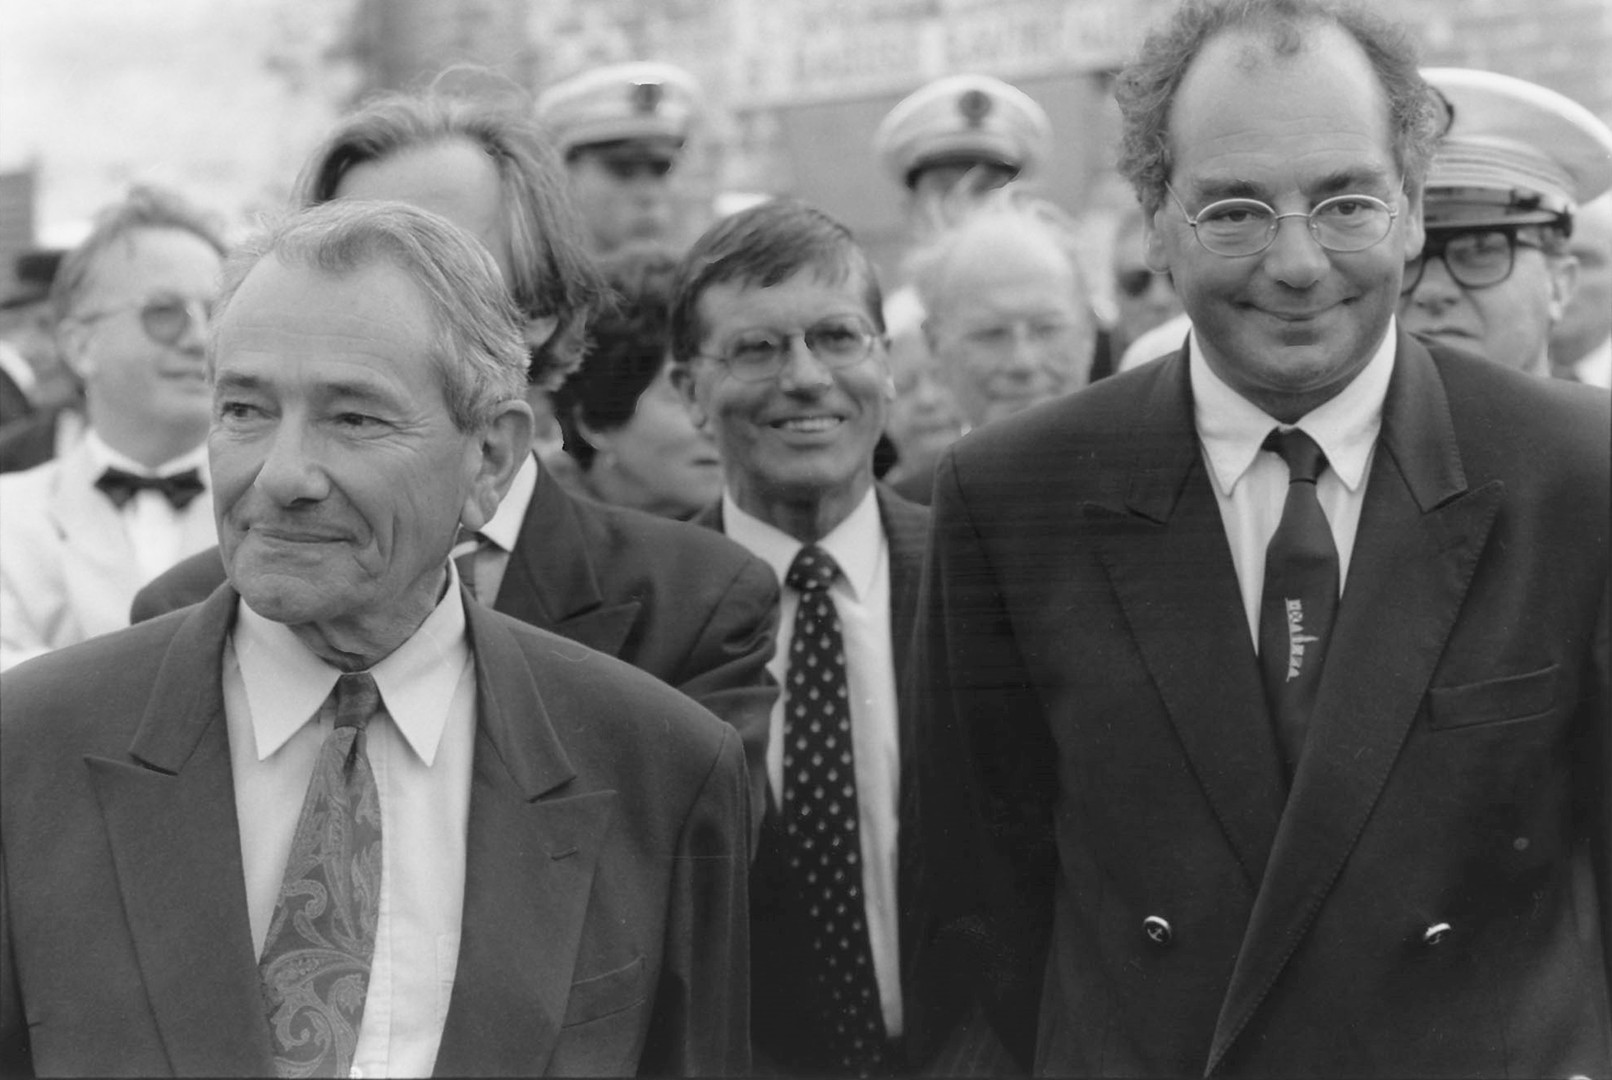 Michel Crépeau et Patrick, le 20 mai 1994, probablement à la cérémonie de remise du canot du Duperré par la Marine (photo Abdel Kallouche)